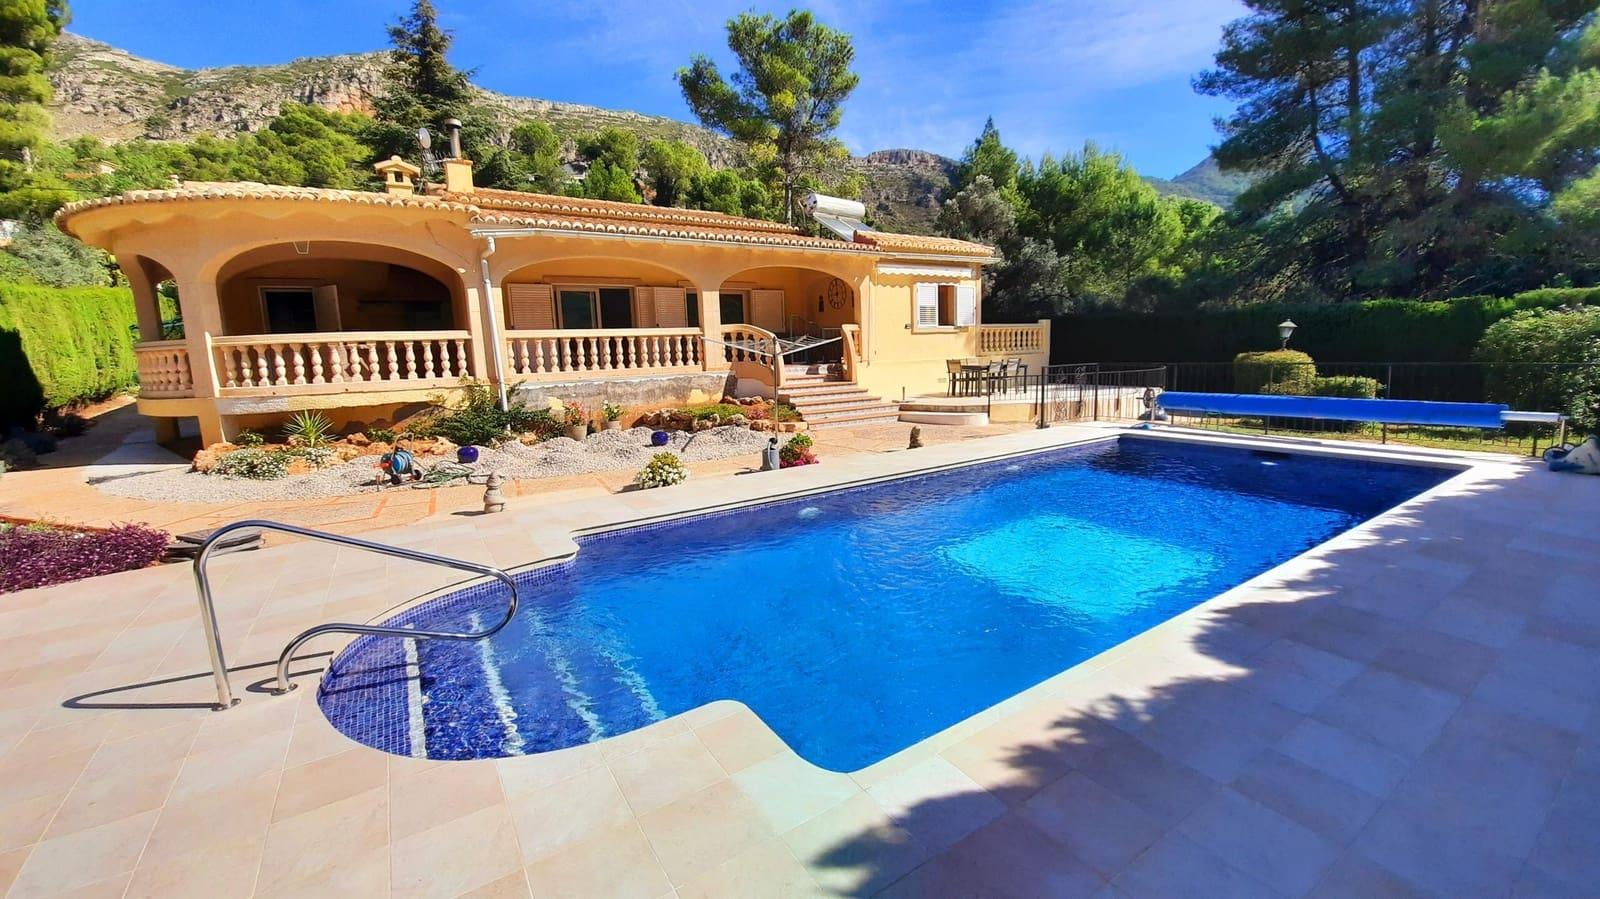 4 sypialnia Bungalow na sprzedaż w La Drova z basenem - 365 000 € (Ref: 6205162)